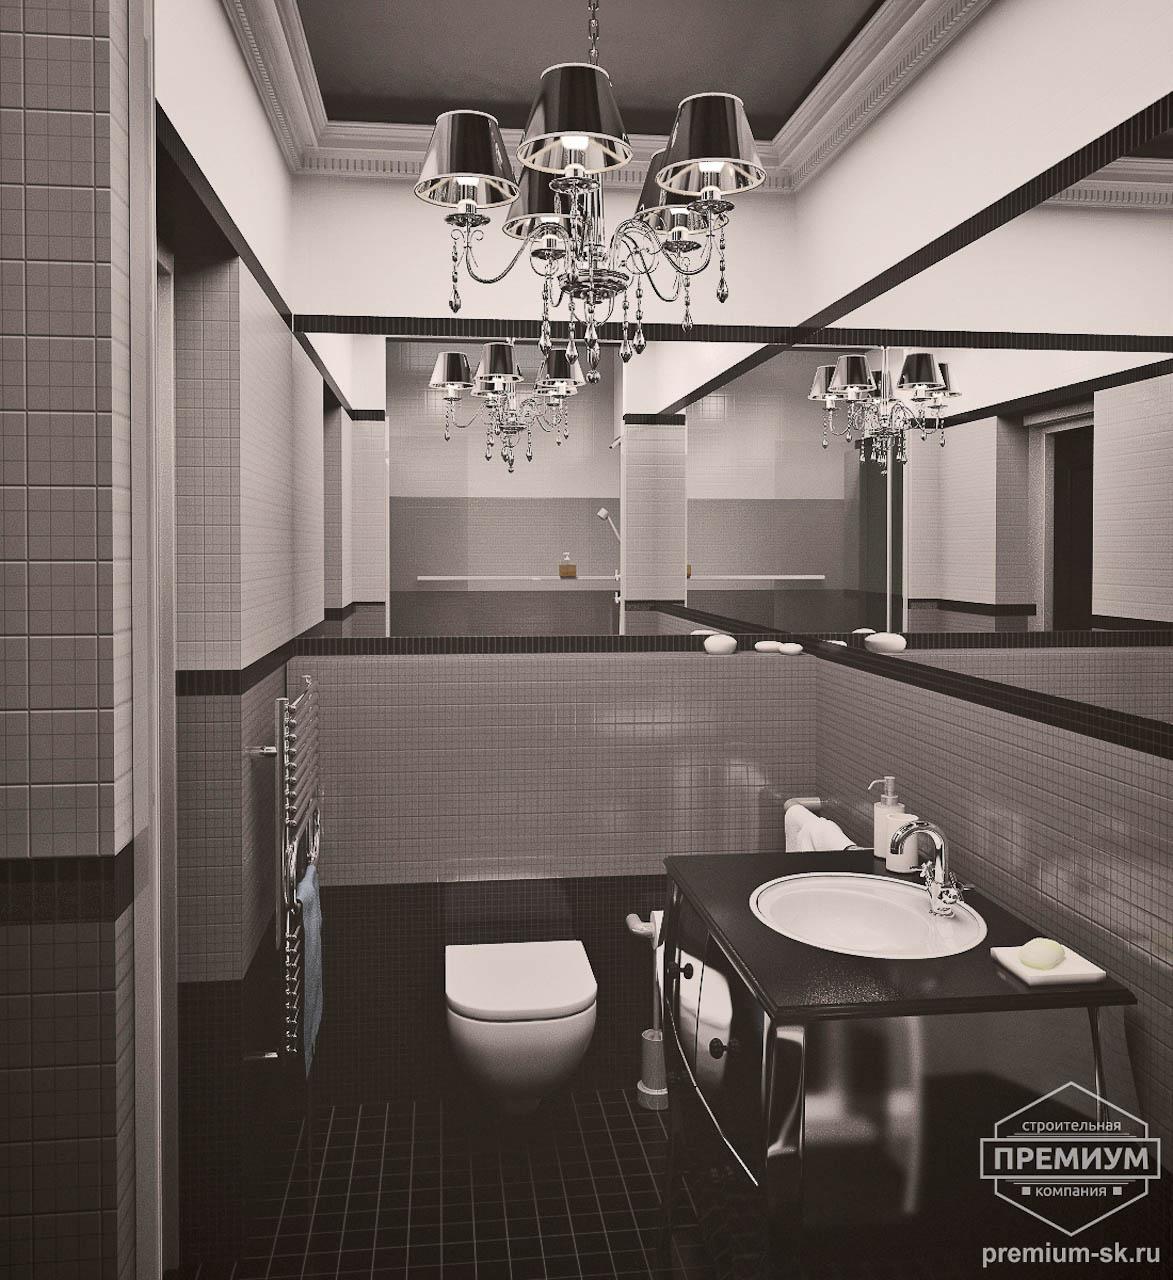 Дизайн интерьера однокомнатной квартиры по ул. Крауля 56 img1664458757